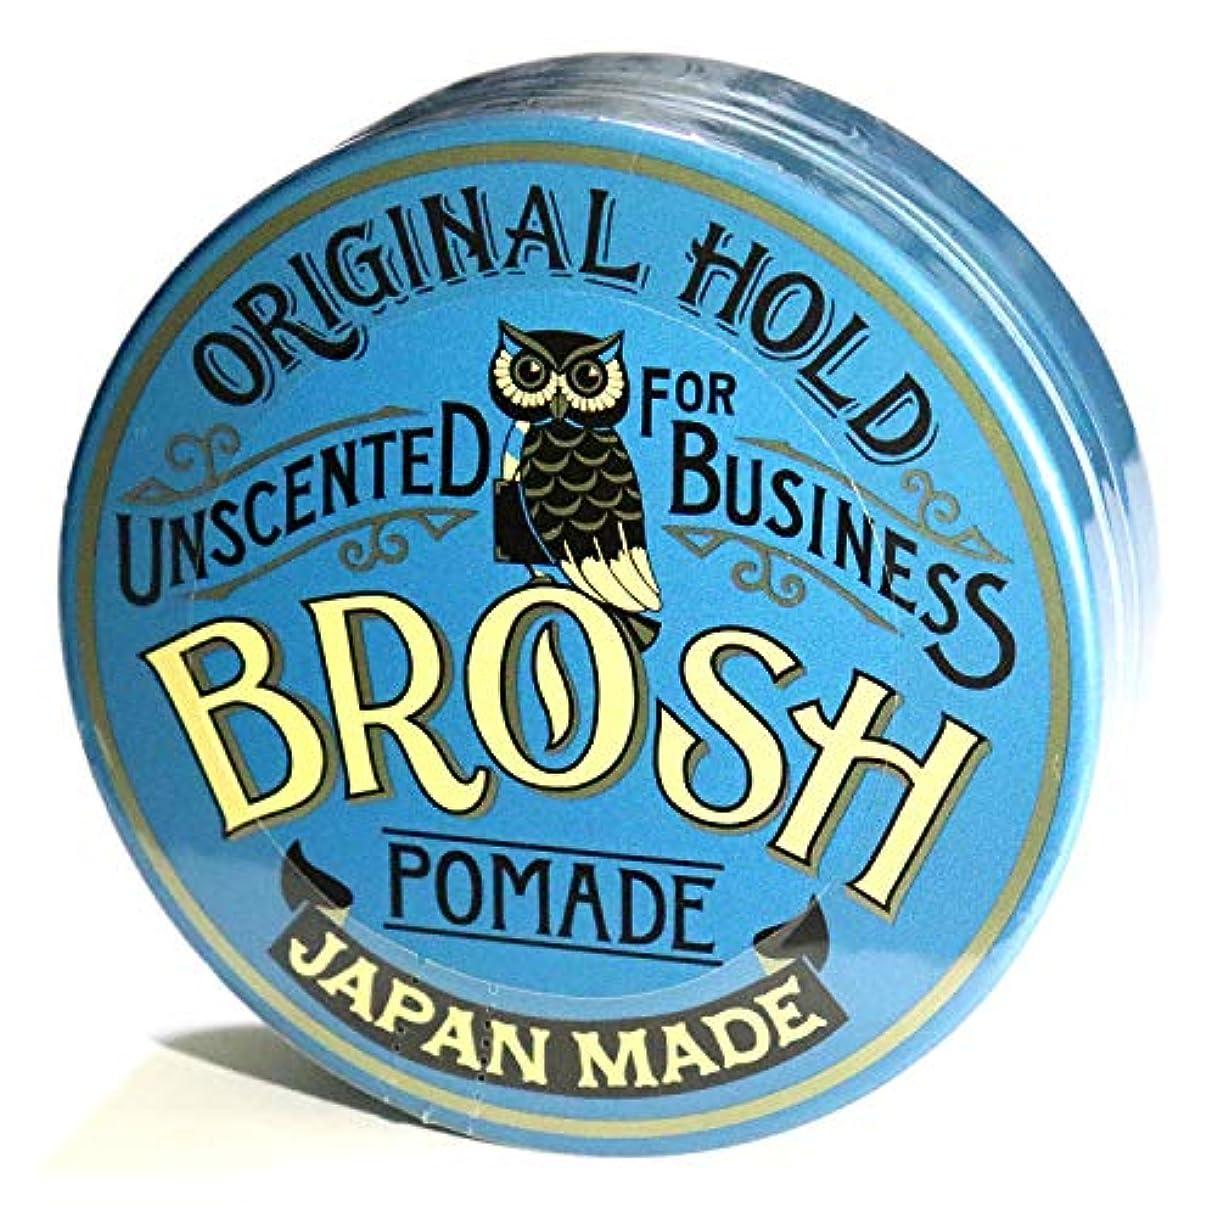 爆発する大西洋抵当BROSH (ブロッシュ) BROSH POMADE UNSCENTED/BIZ 115g 水性ポマード 整髪料 無香料